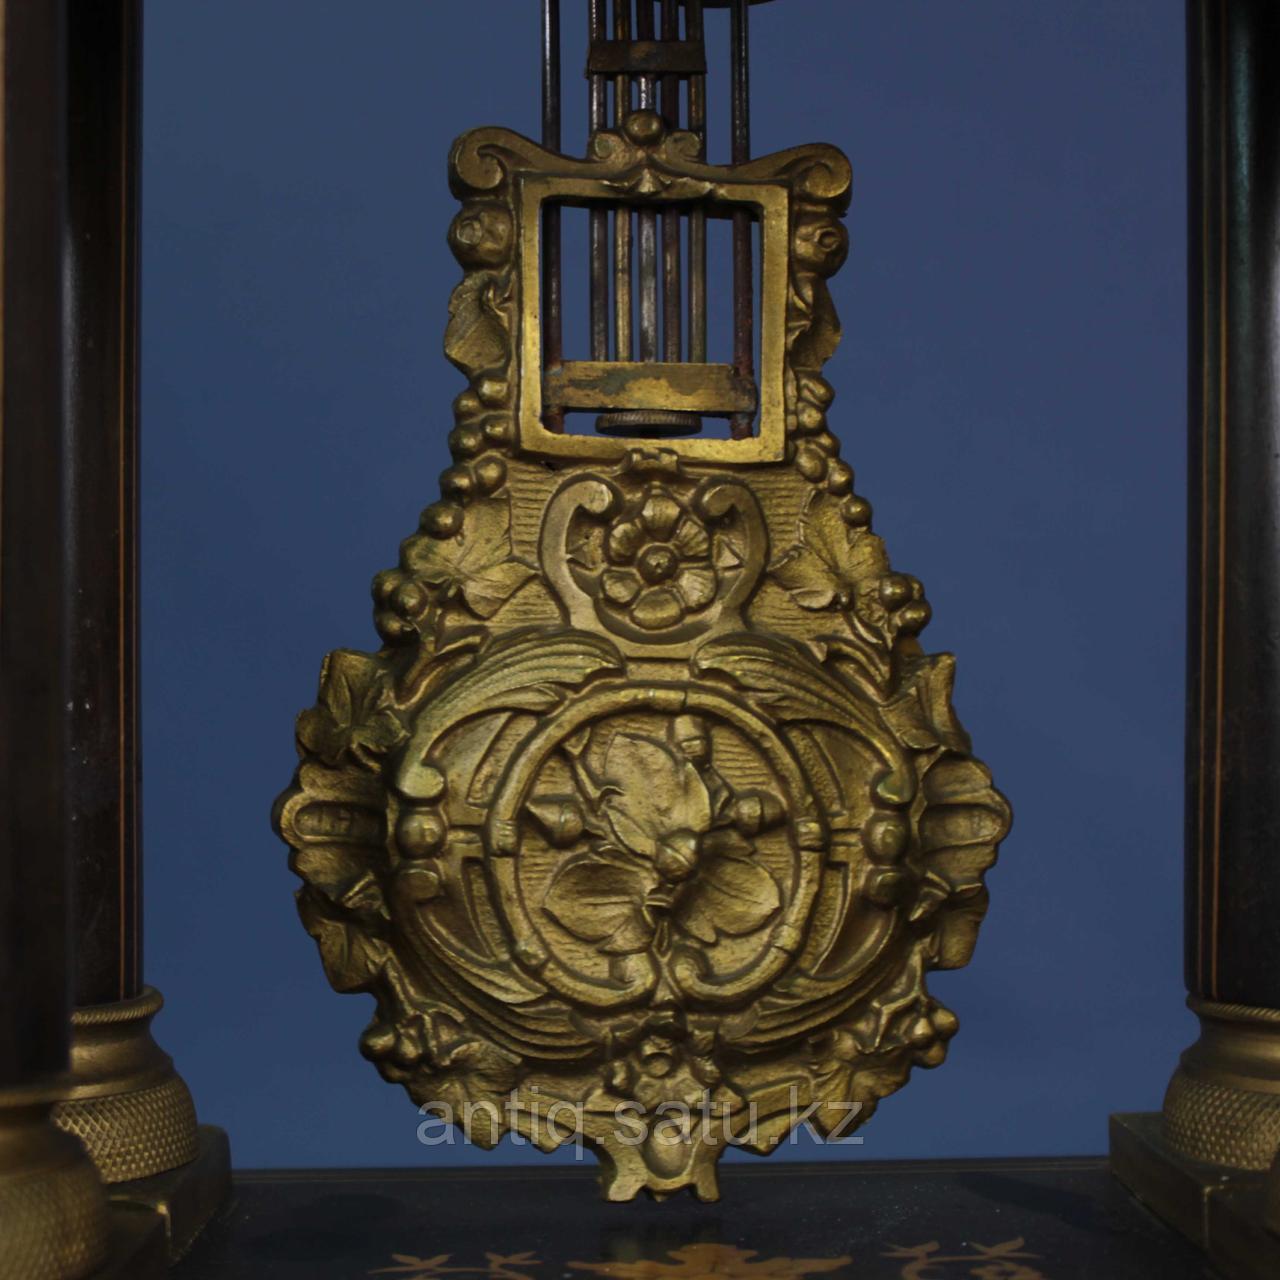 Кабинетные часы в стиле Карла Х. Часовая мастерская Samuel Marti & Cie - фото 3